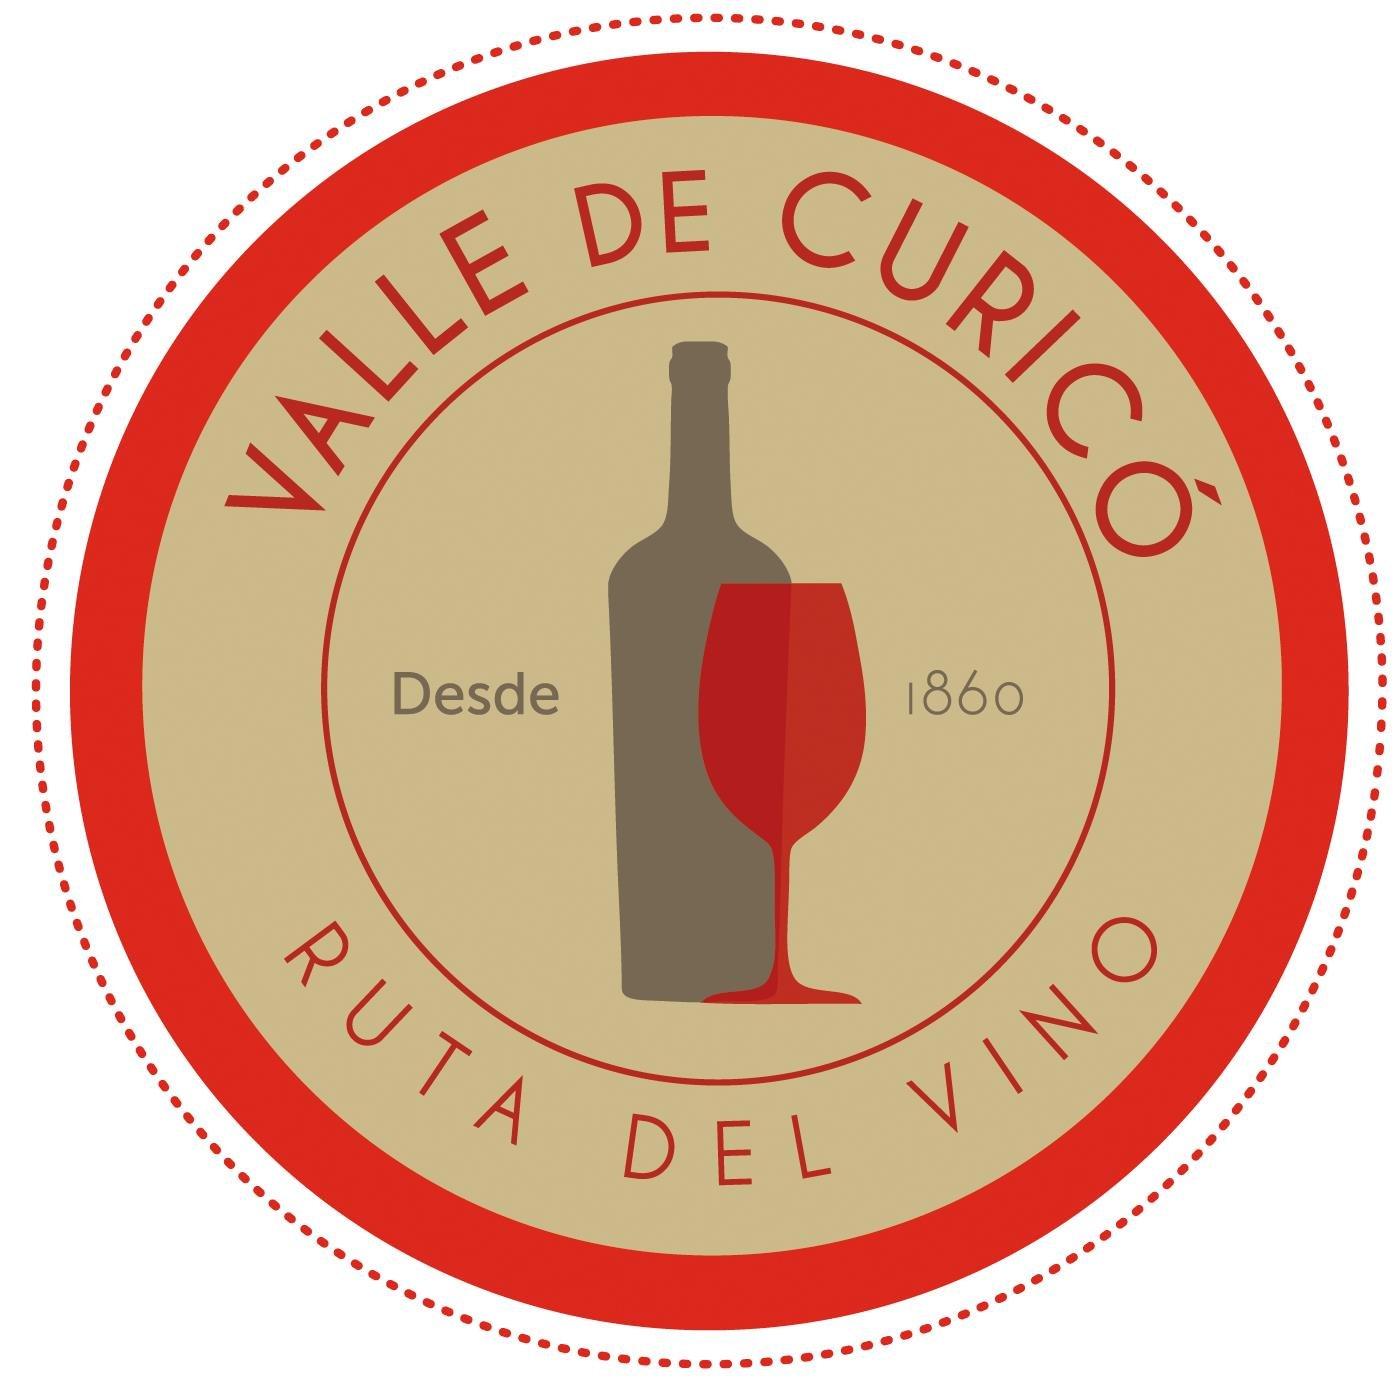 Ruta del Vino del Valle de Curicó